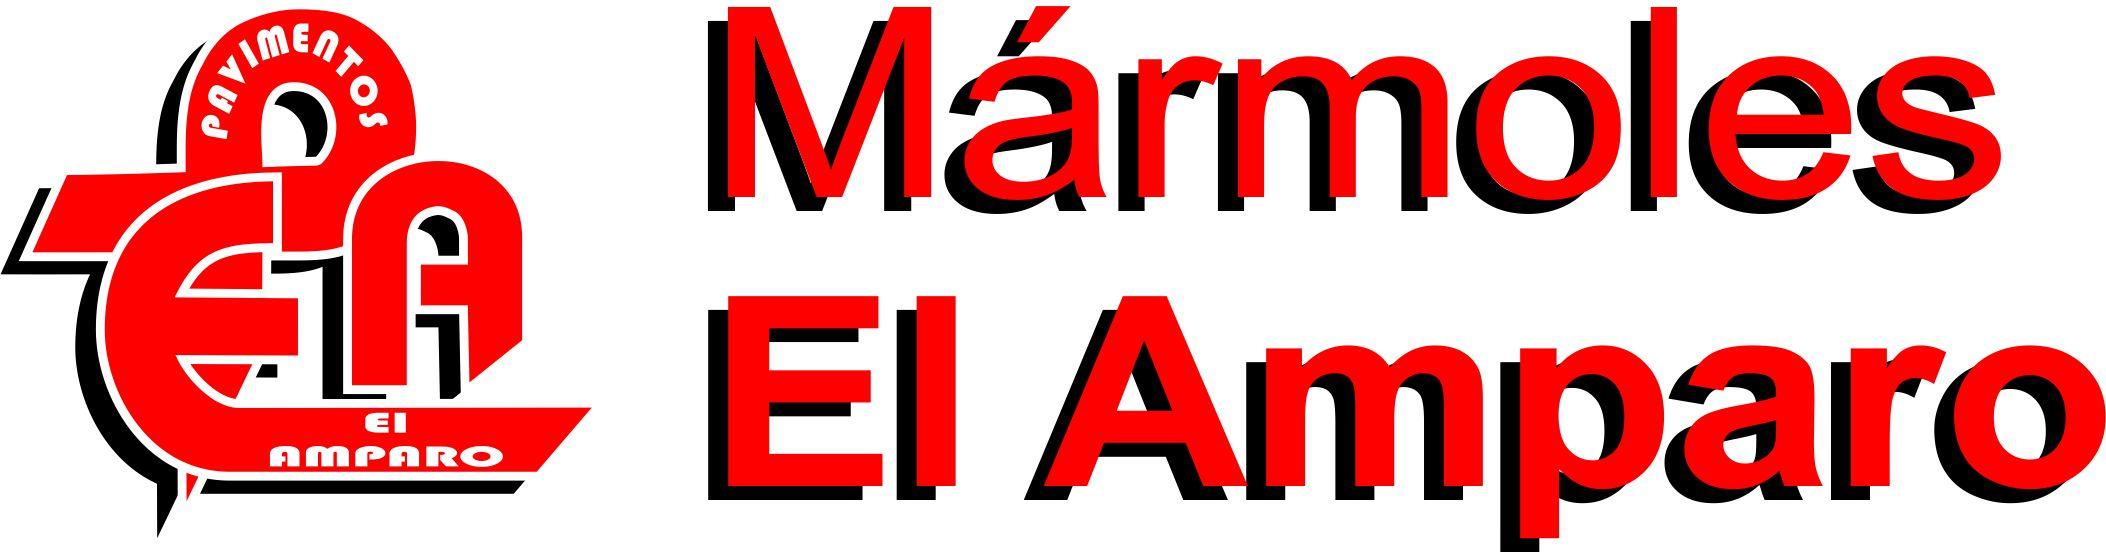 MÁRMOLES EL AMPARO